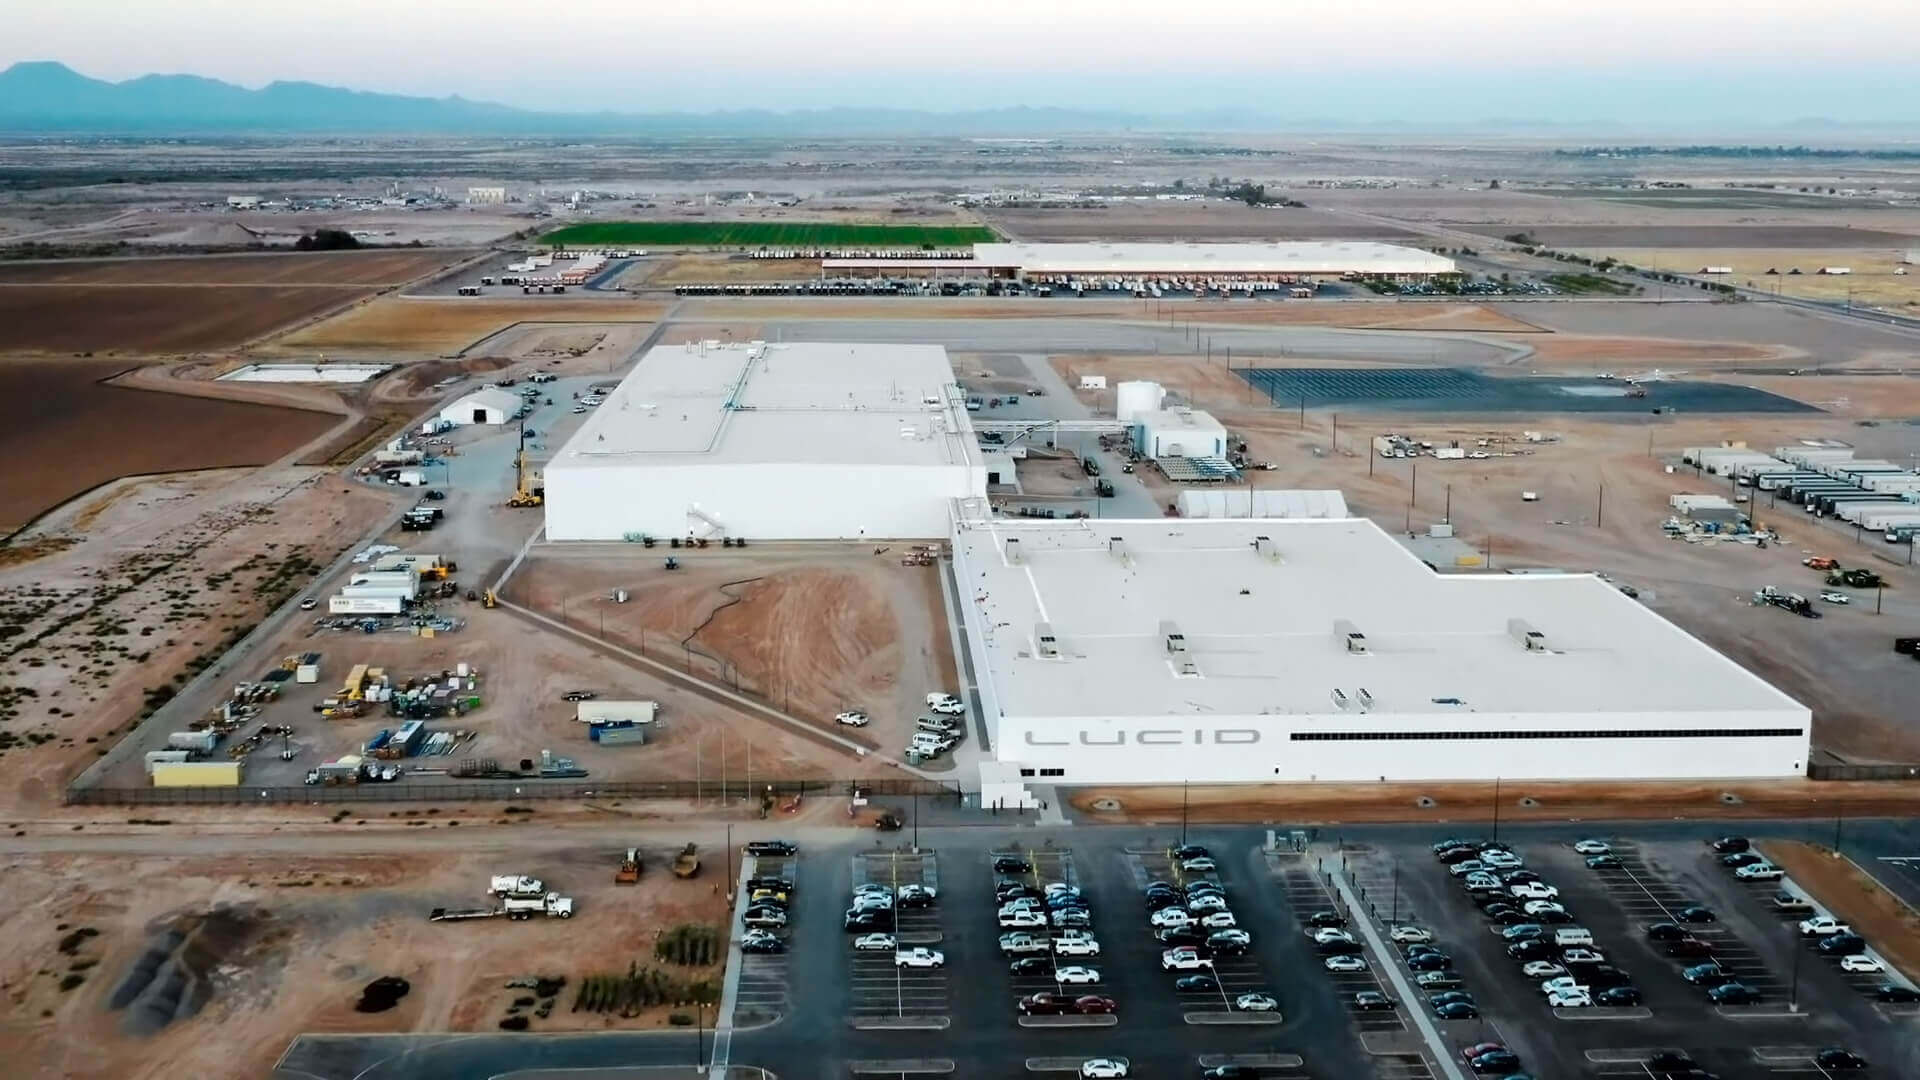 Завершен первый этап строительства завода Lucid Motors